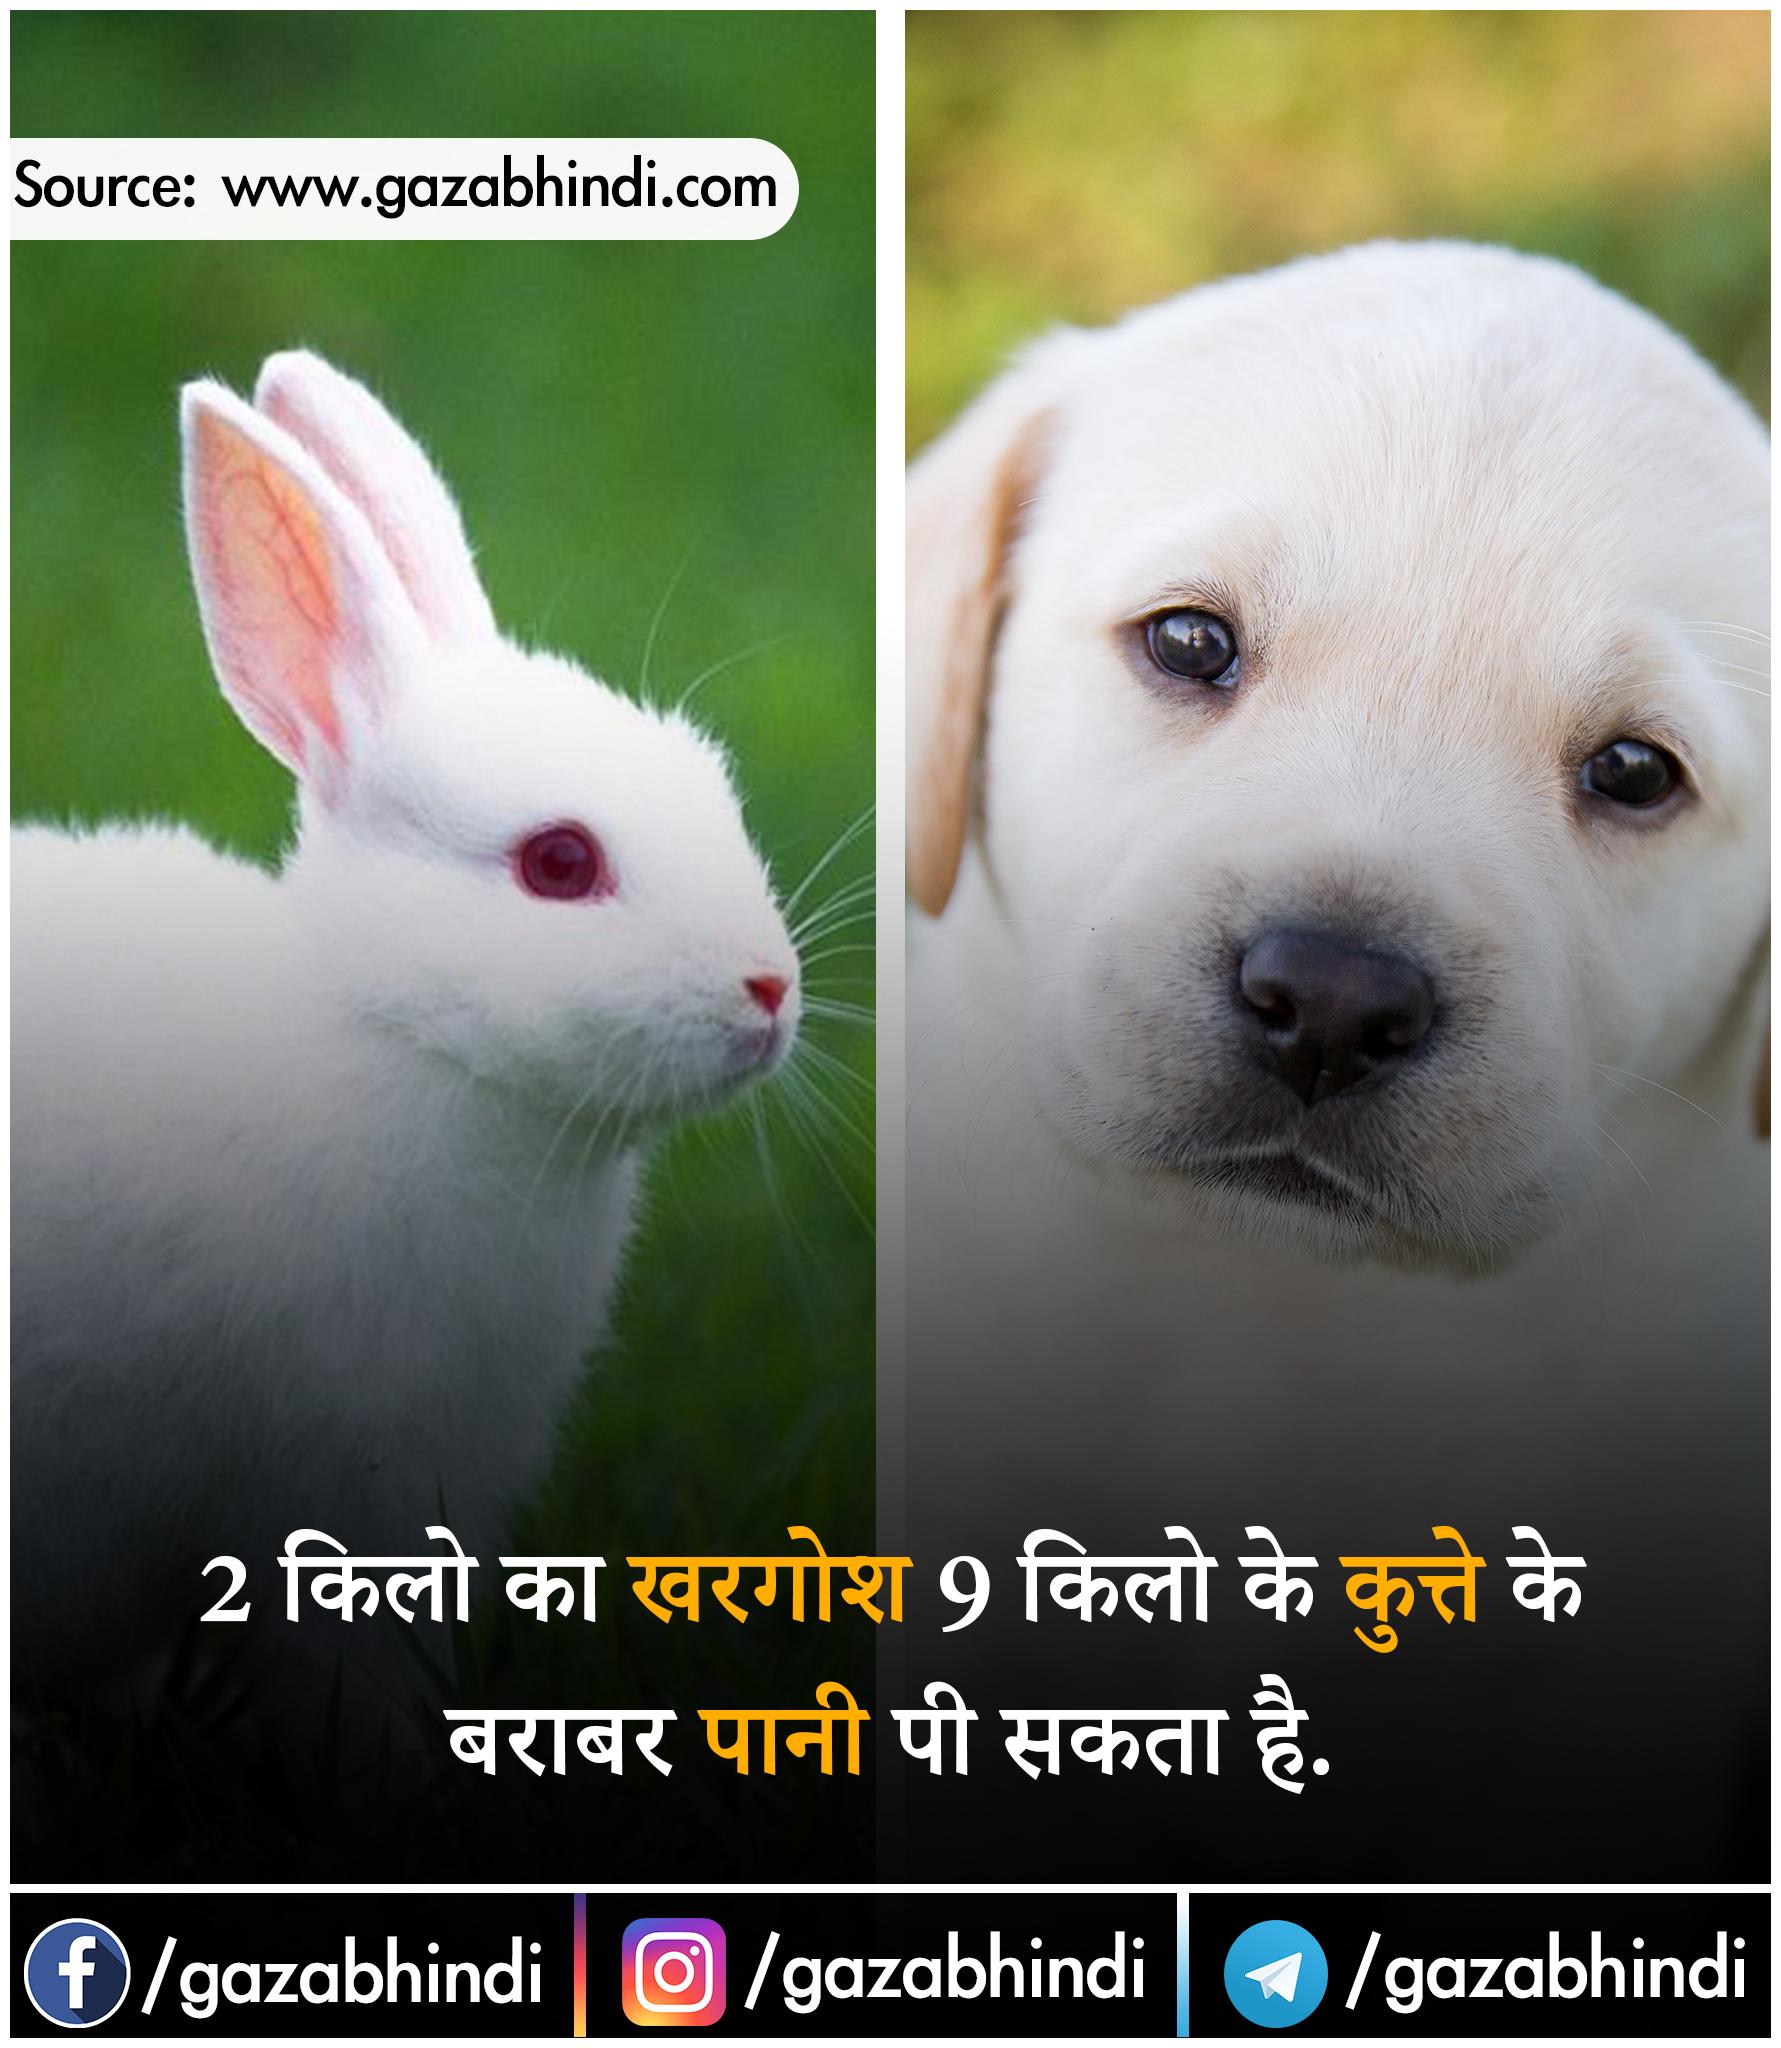 खरगोश के बारे में रोचक तथ्य